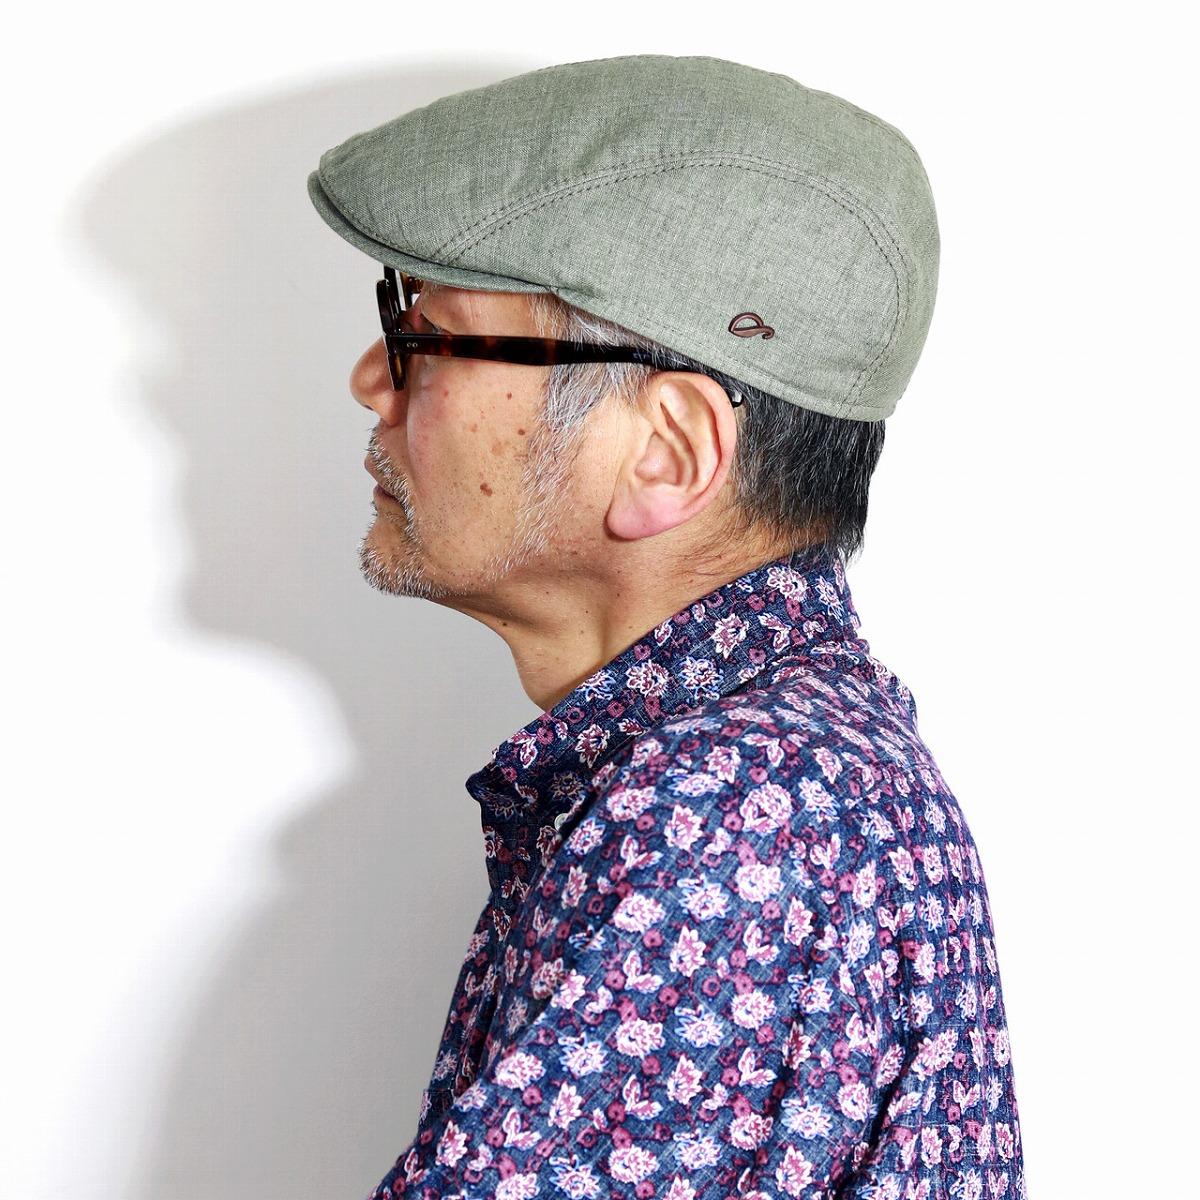 アウトドア 帽子 UV40+ 日焼け対策 ゴットマン ハンチング 麻 春 夏 メンズ リネン100% Gottmann アイビーキャップ 大きいサイズ Ivy cap シンプル 無地 57cm 58cm 60cm 62cm 64cm UVプロテクト カーキ [ ivy cap ] 父の日 ギフト プレゼント 帽子通販 男性 プレゼント